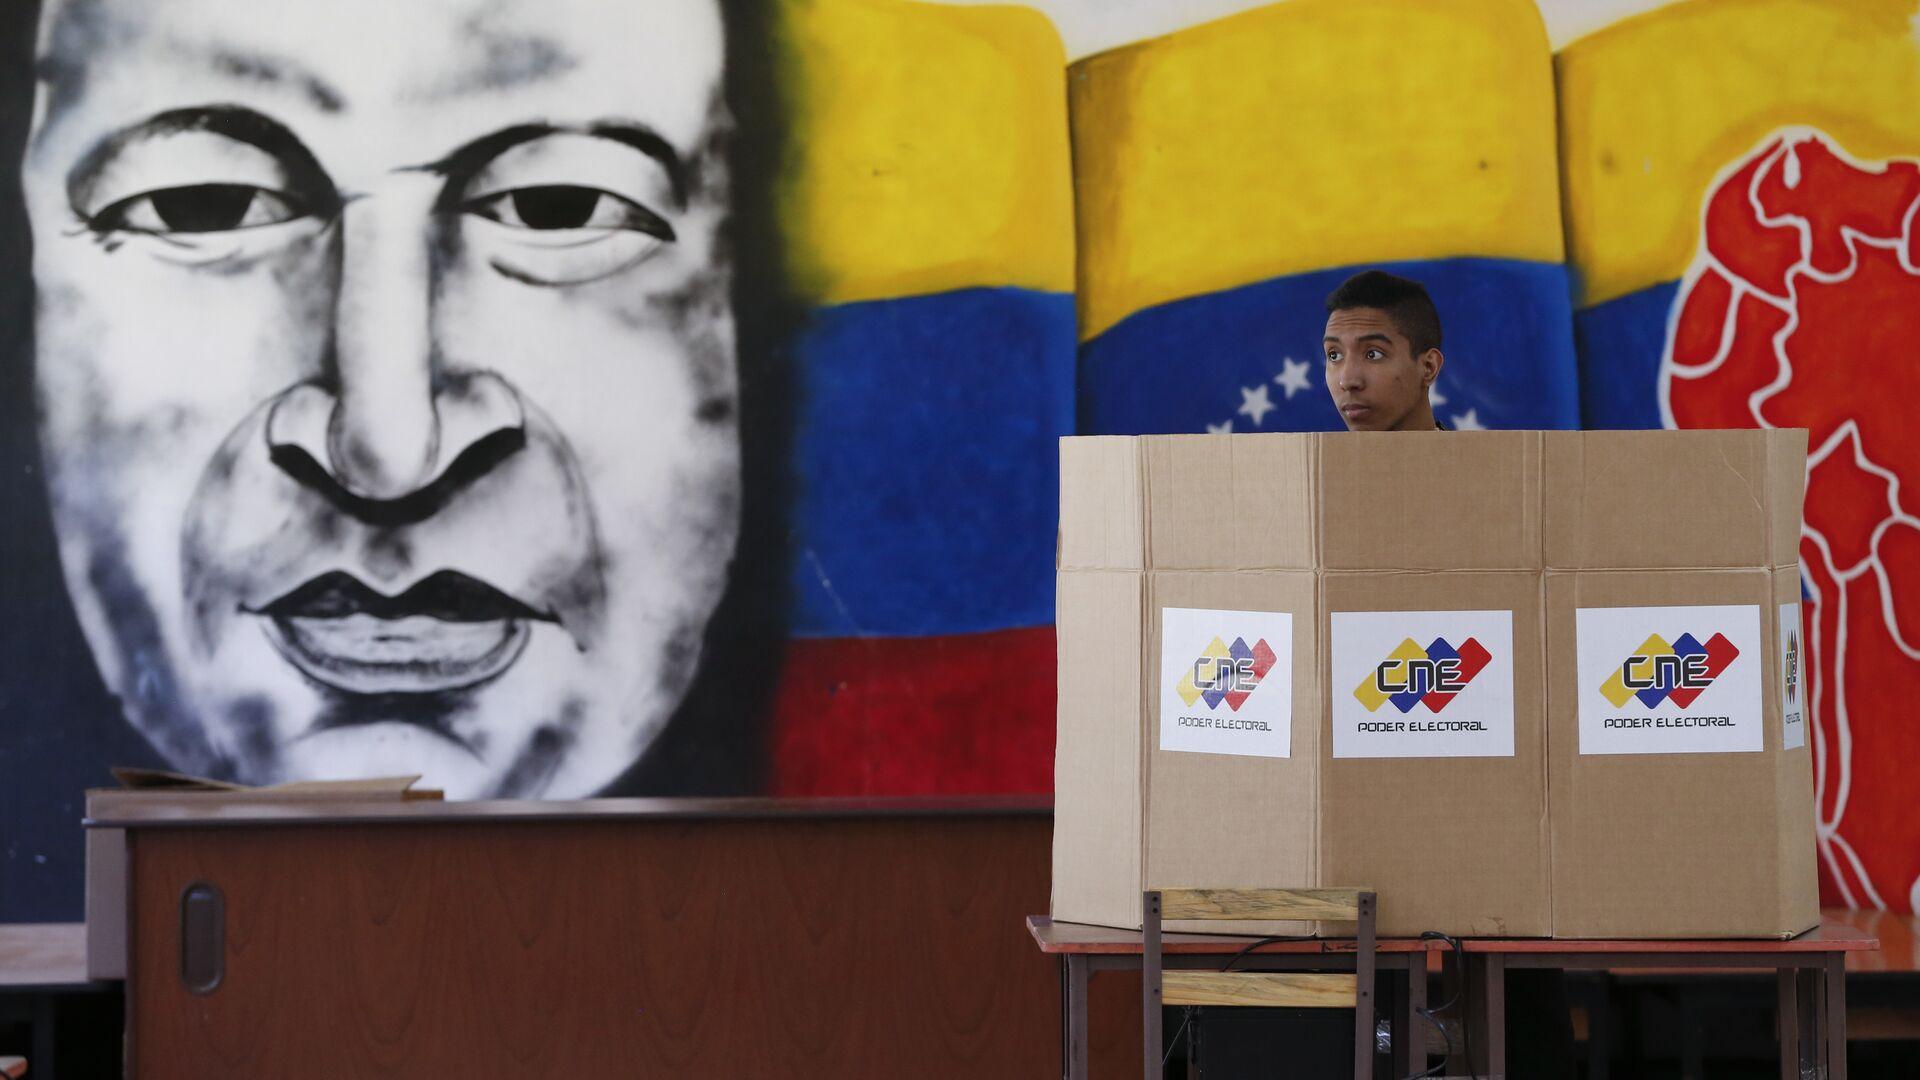 Elecciones en Venezuela - Sputnik Mundo, 1920, 02.07.2021